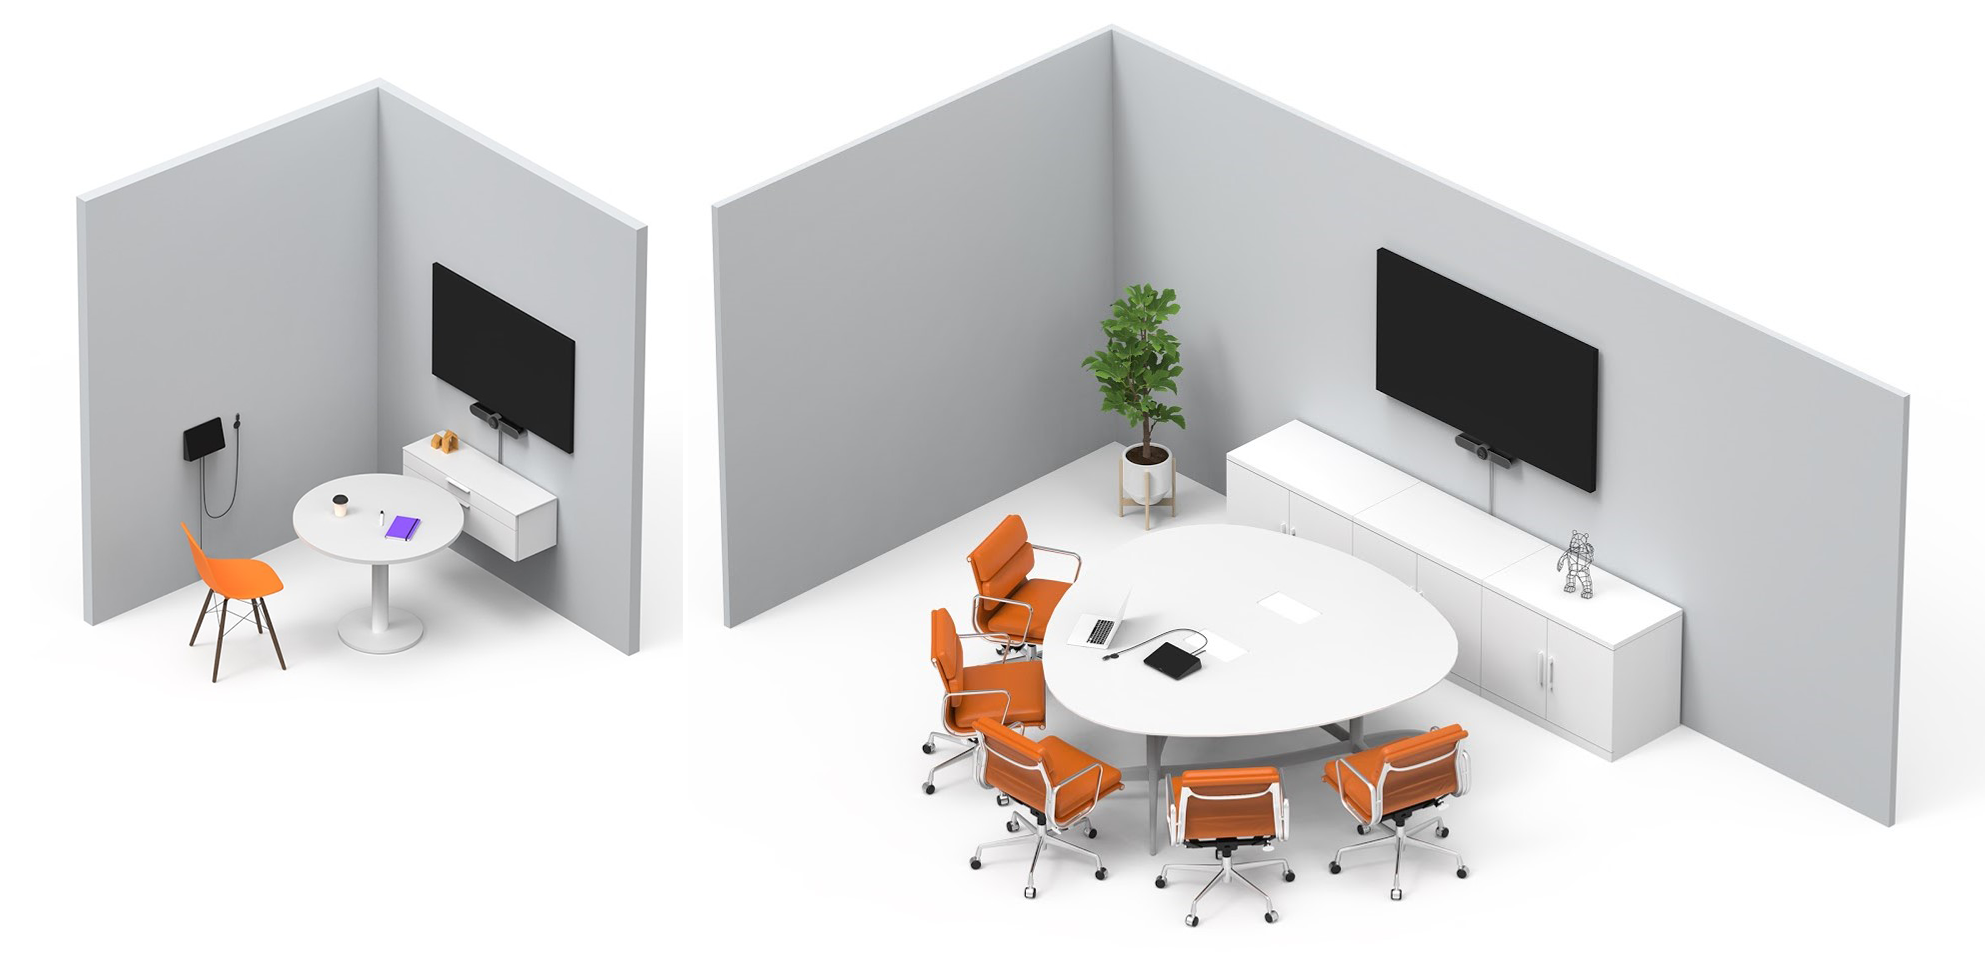 VIDELIO x Logitech Exemples implantation de la Logitech MeetUp : Focus room (1 à 2 personnes) Huddle room (3 à 6 personnes)